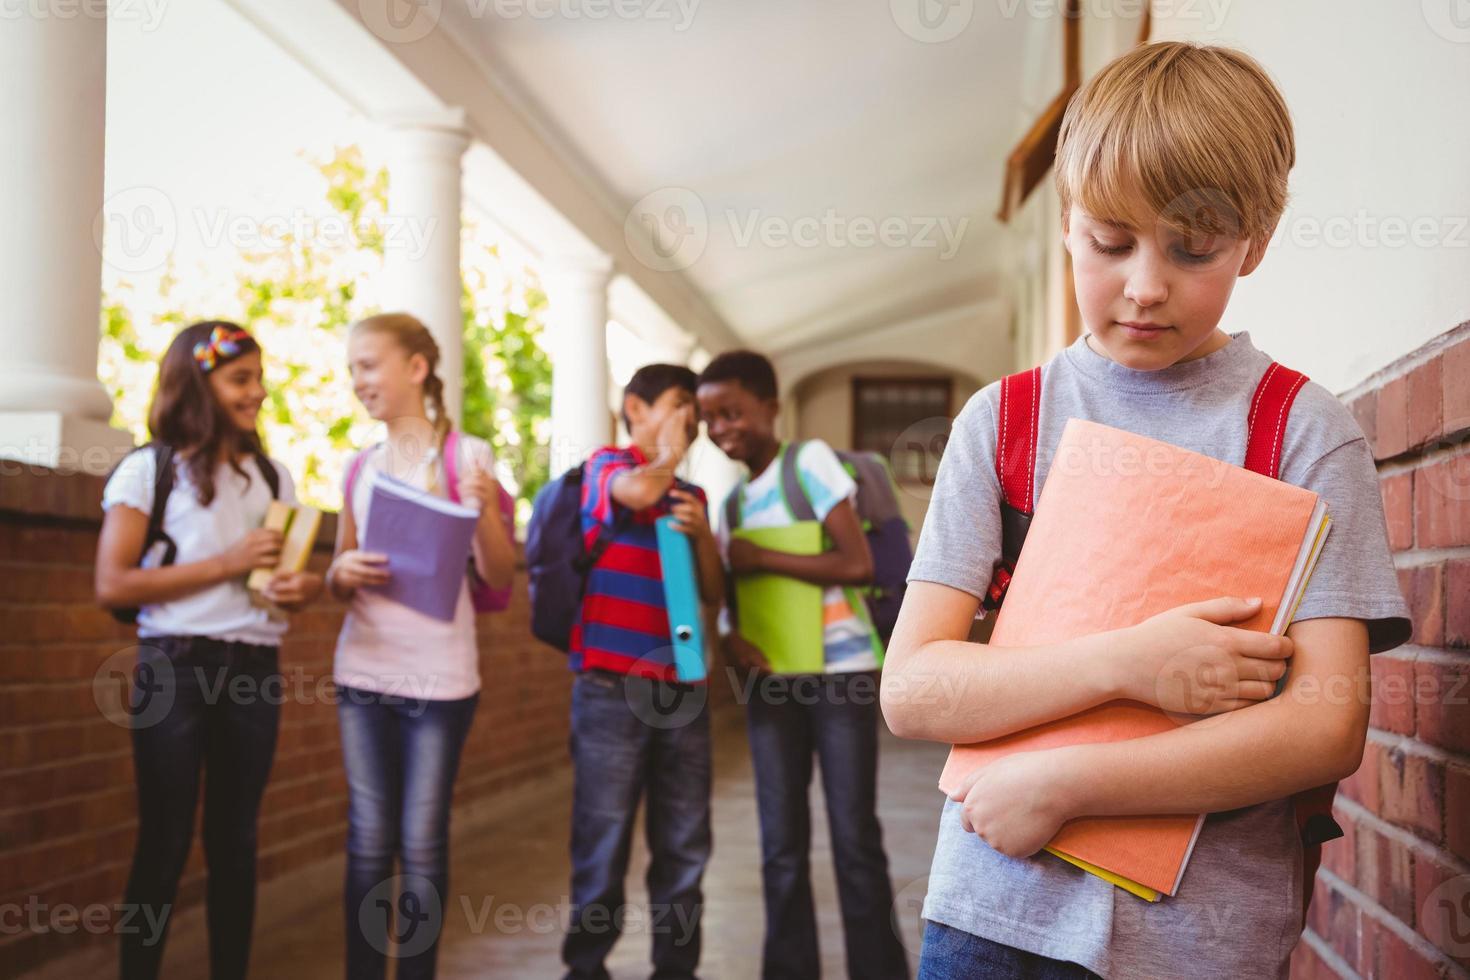 estudante triste com os amigos em segundo plano no corredor da escola foto